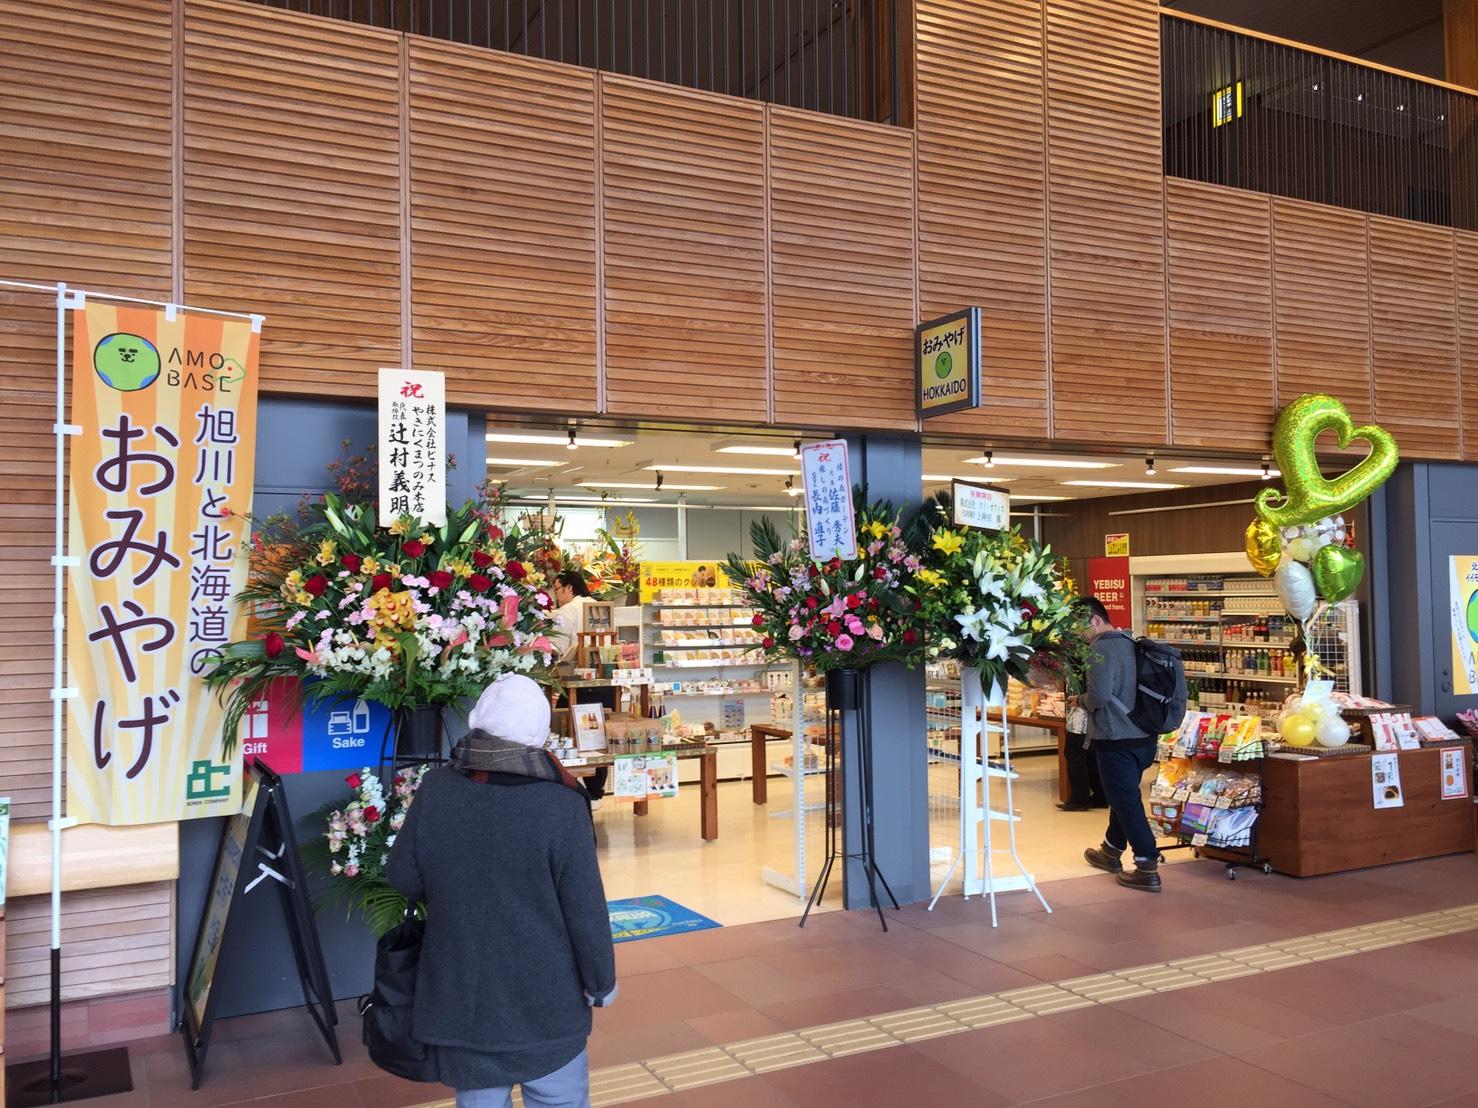 旭川駅で伝承館の豆腐が購入でき...